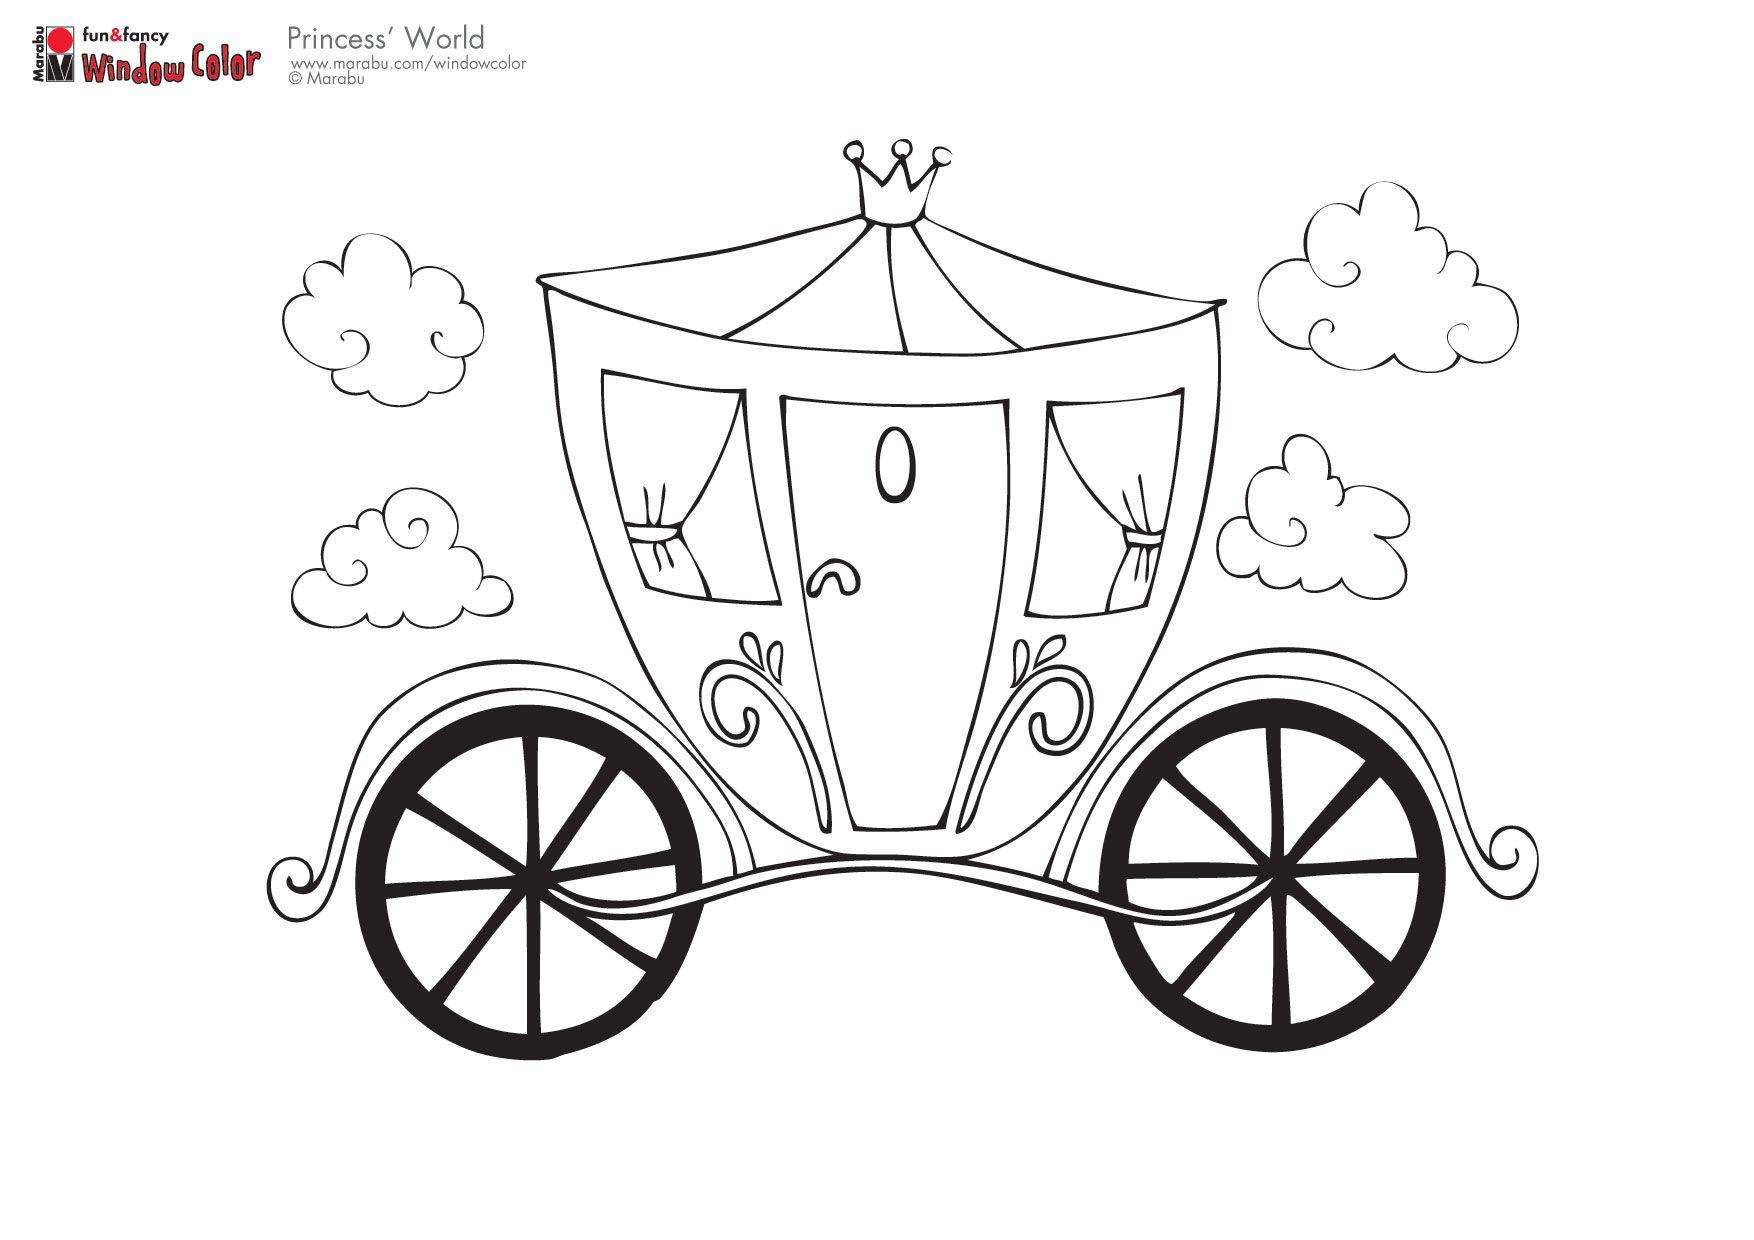 A Princess Coach Malvorlagen Vorlagen Ausmalbilder